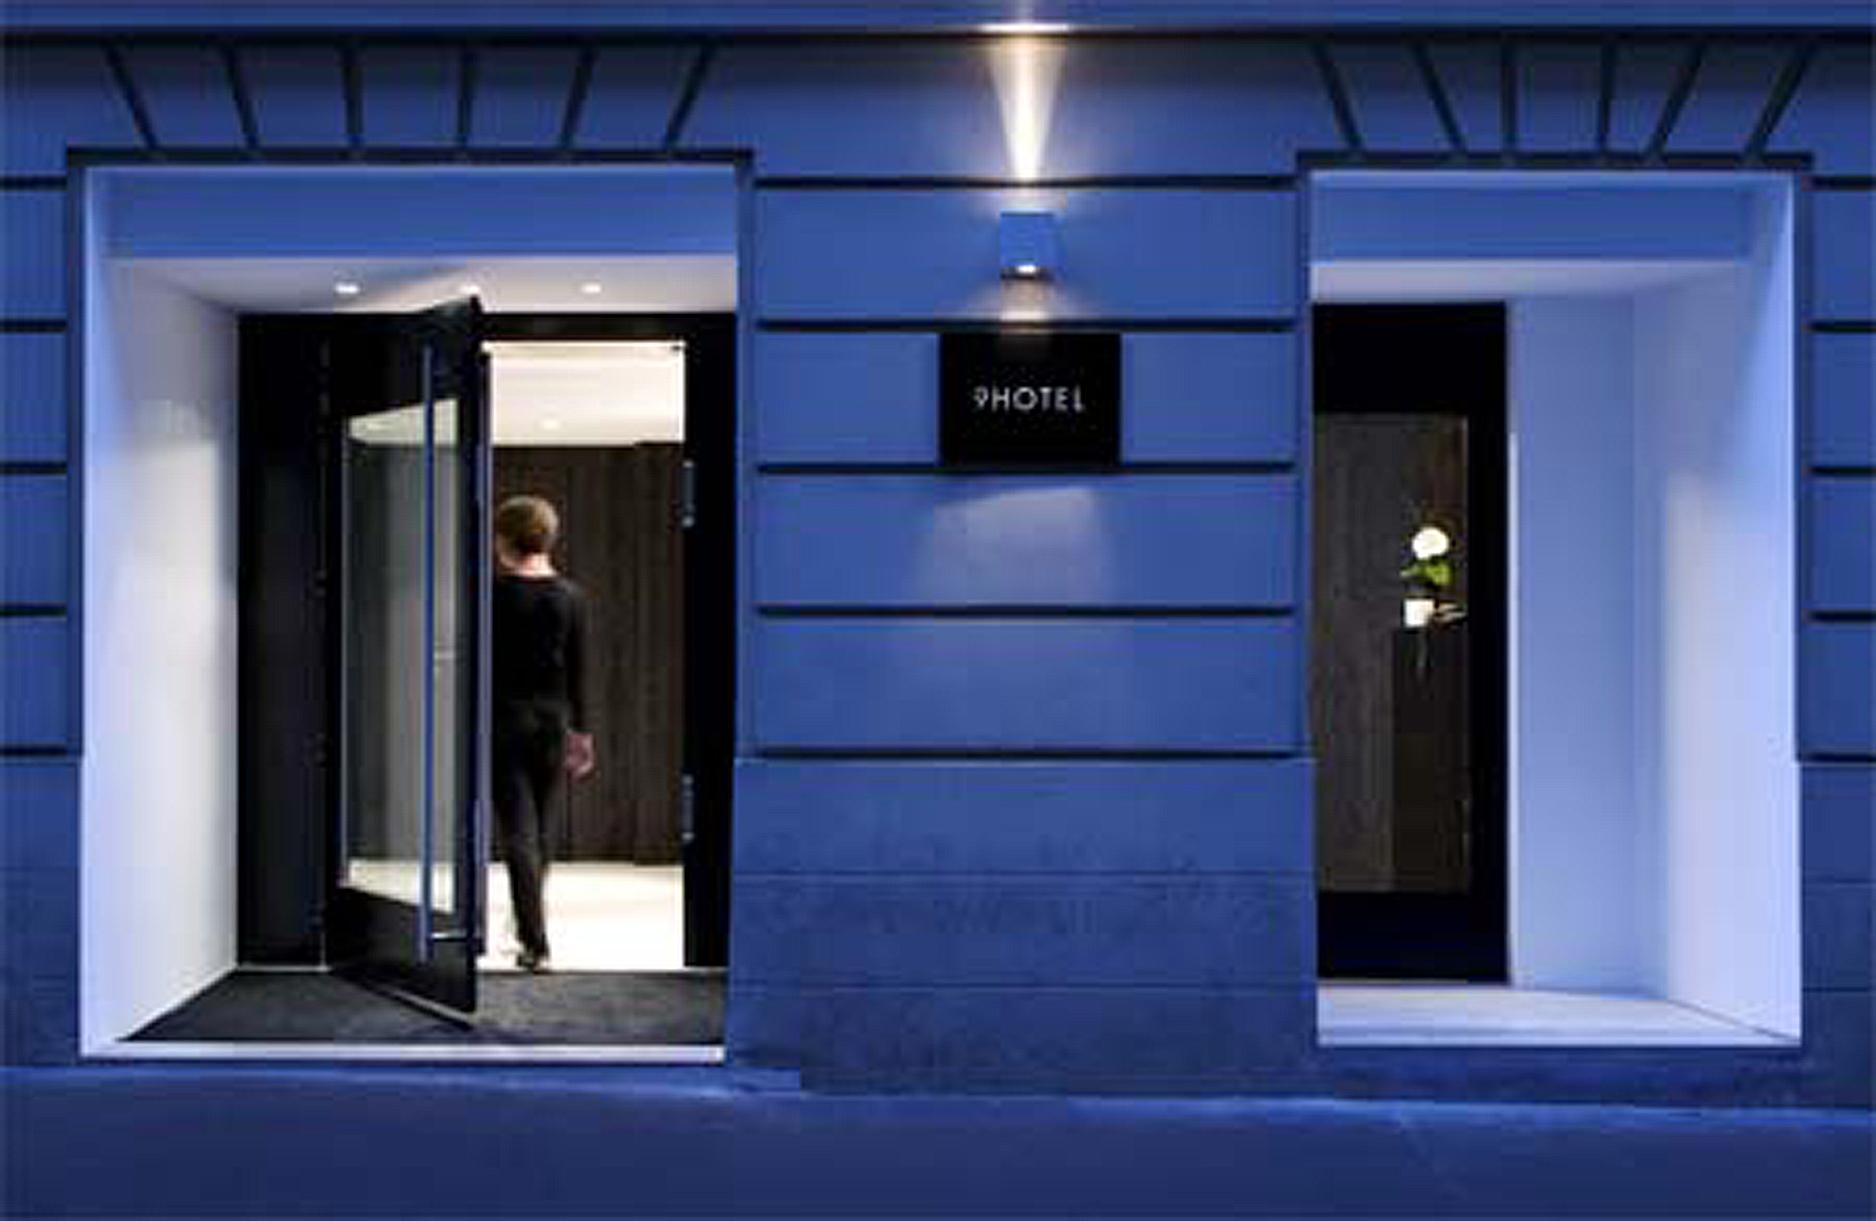 GeorgKayser_architecture_interiordesign_comercial_HOTEL9_6.jpg